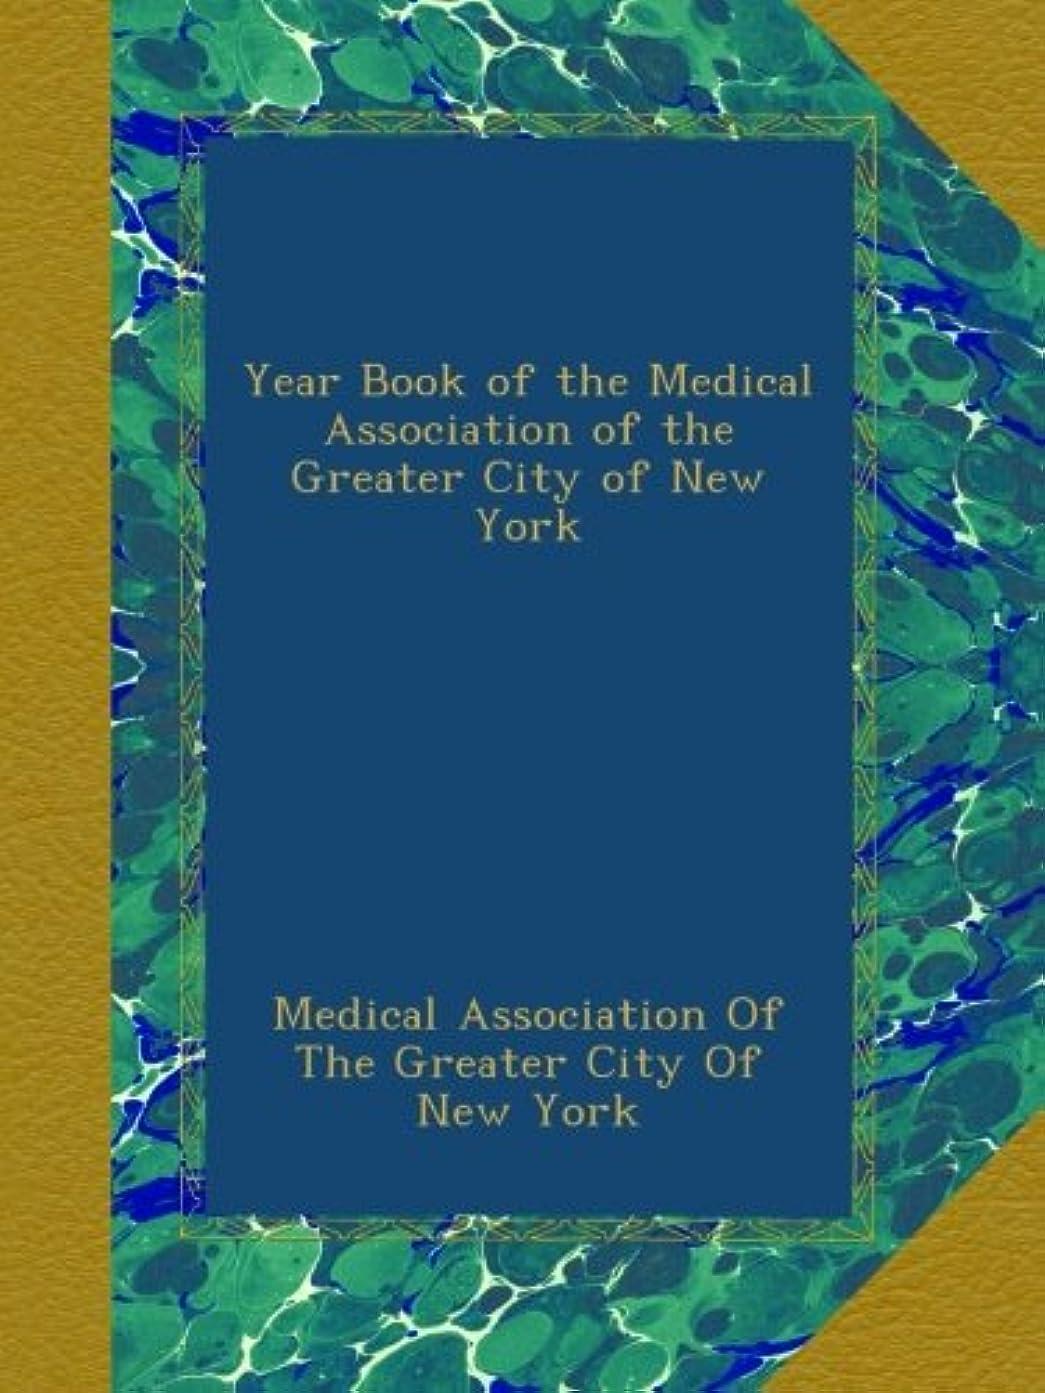 発揮する発行するペアYear Book of the Medical Association of the Greater City of New York